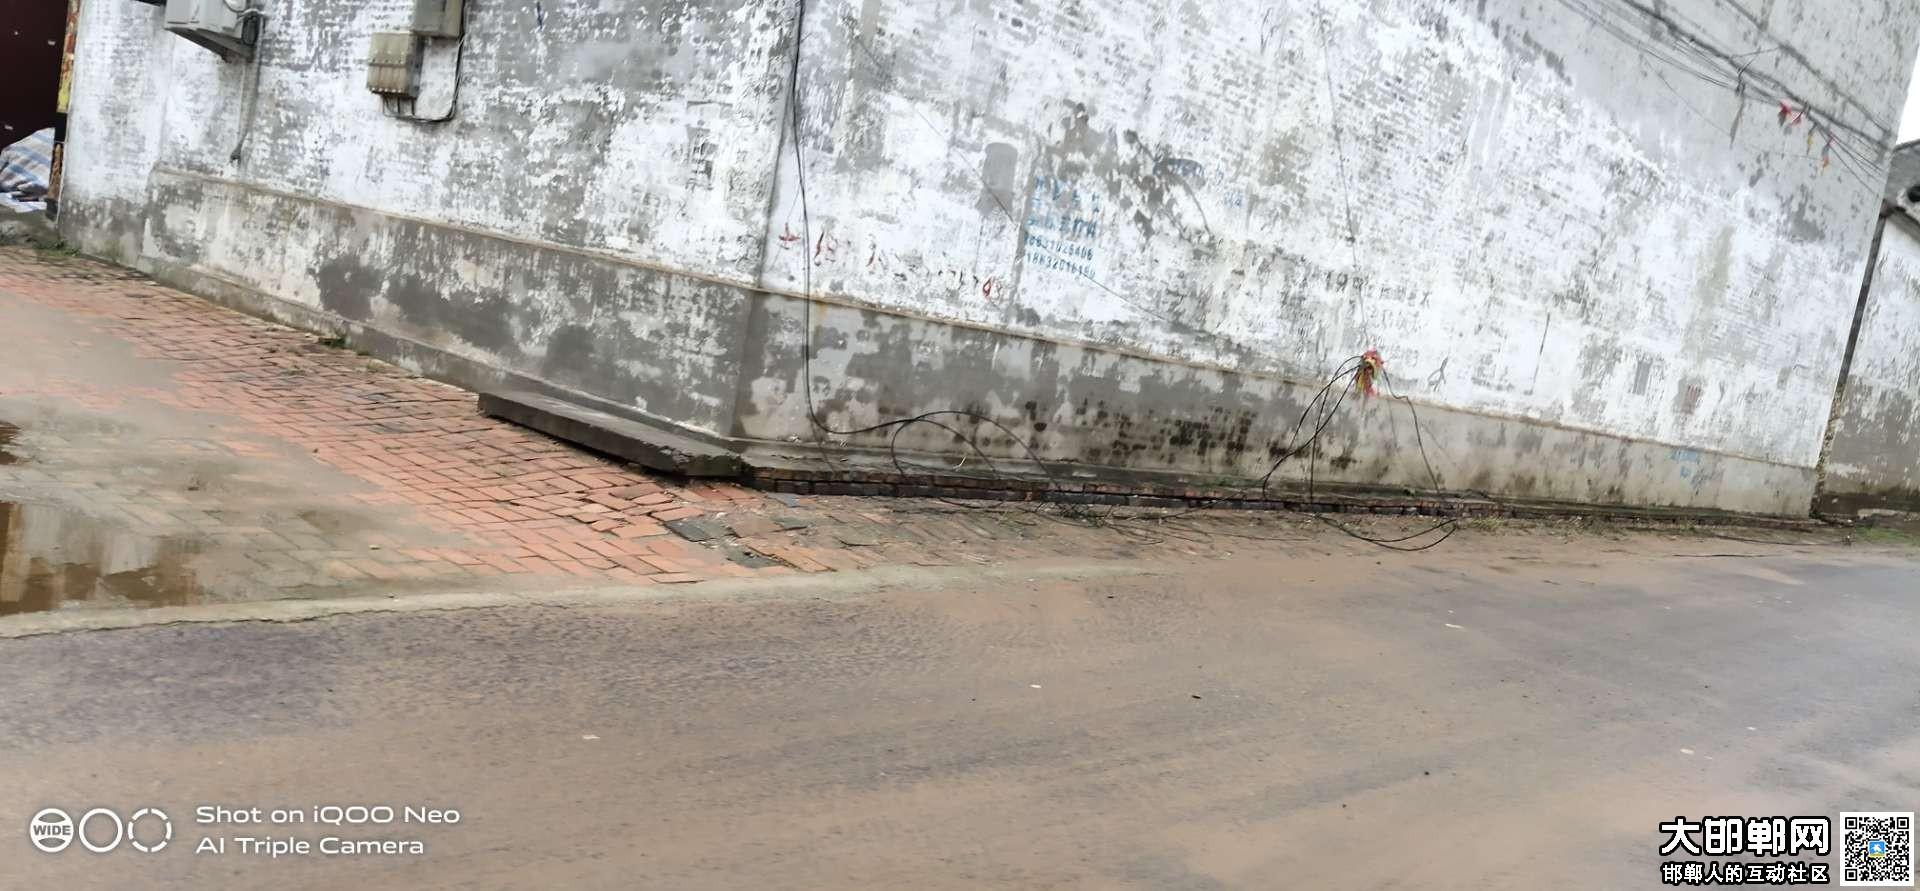 魏县集村大街不知道掉落了一根什么线在地上,太危险了!